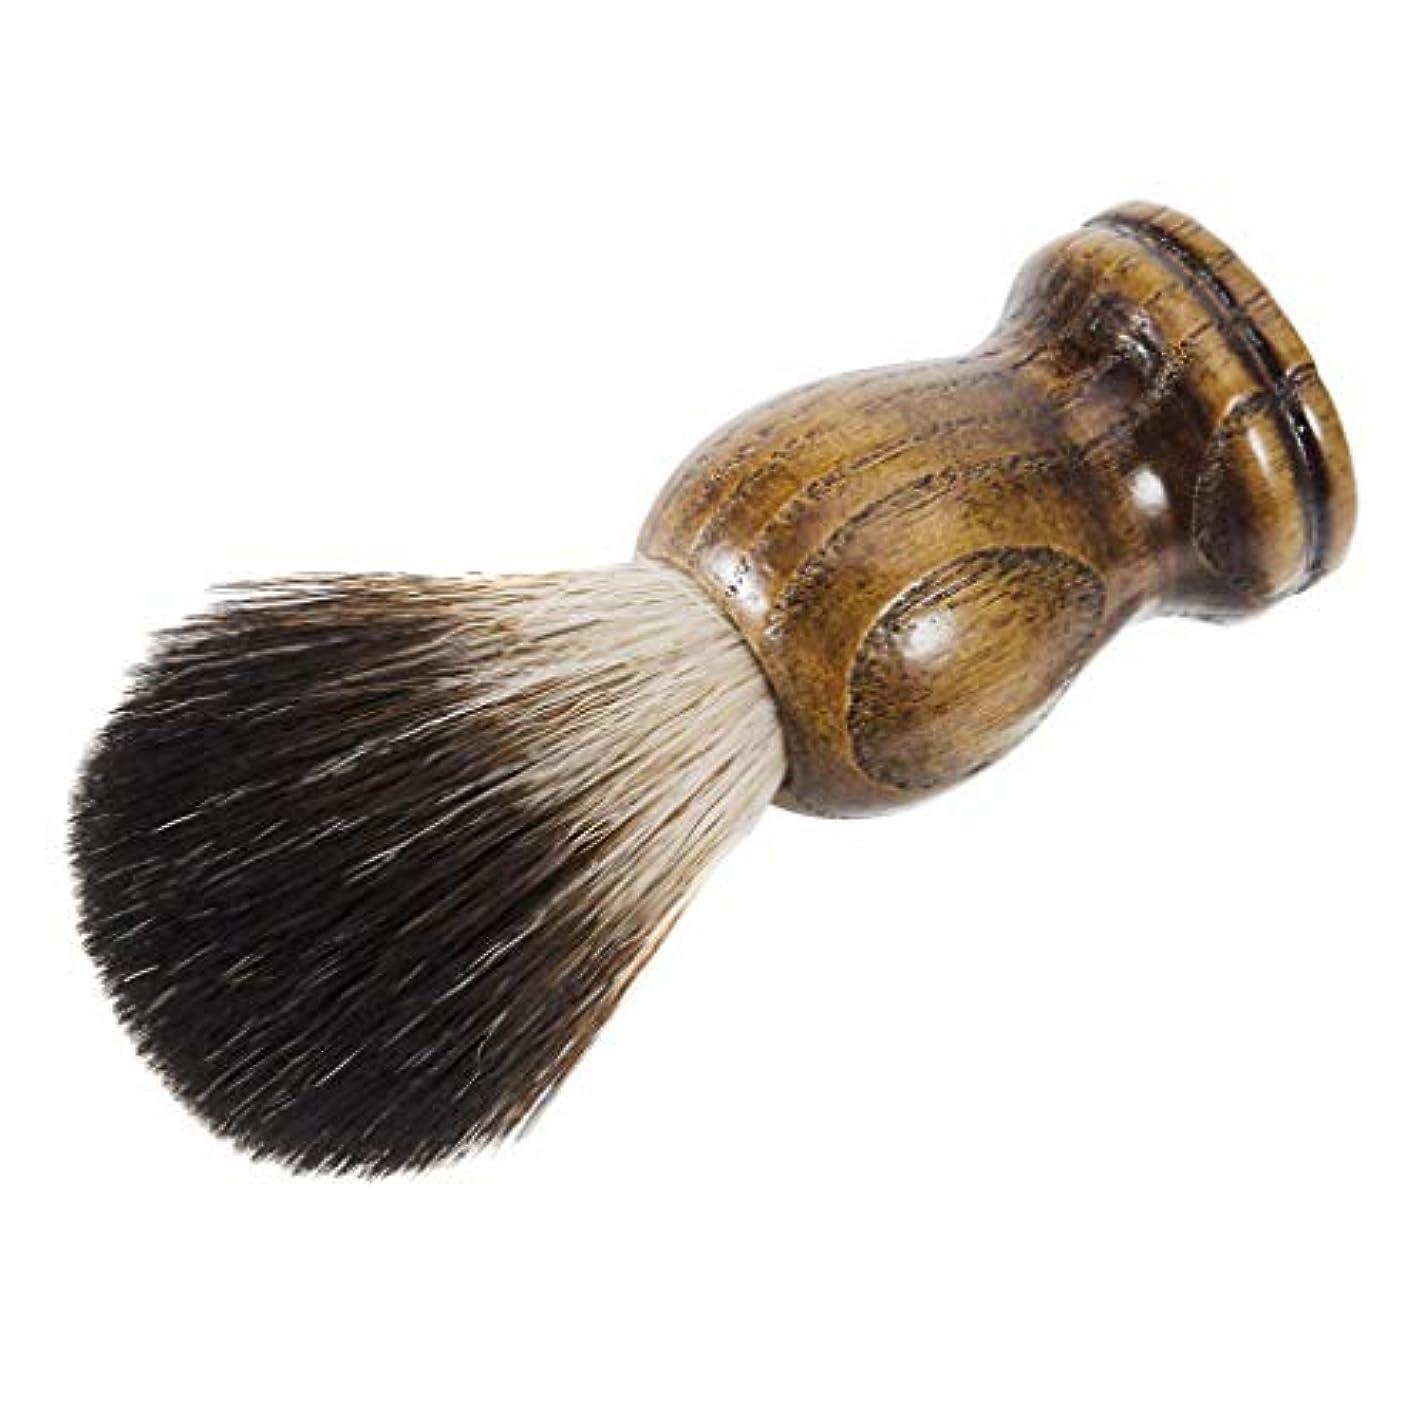 粘液イースターアボートひげブラシ シェービング ブラシ メンズ 理容 洗顔 髭剃り 泡立ち 父の日 贈り物